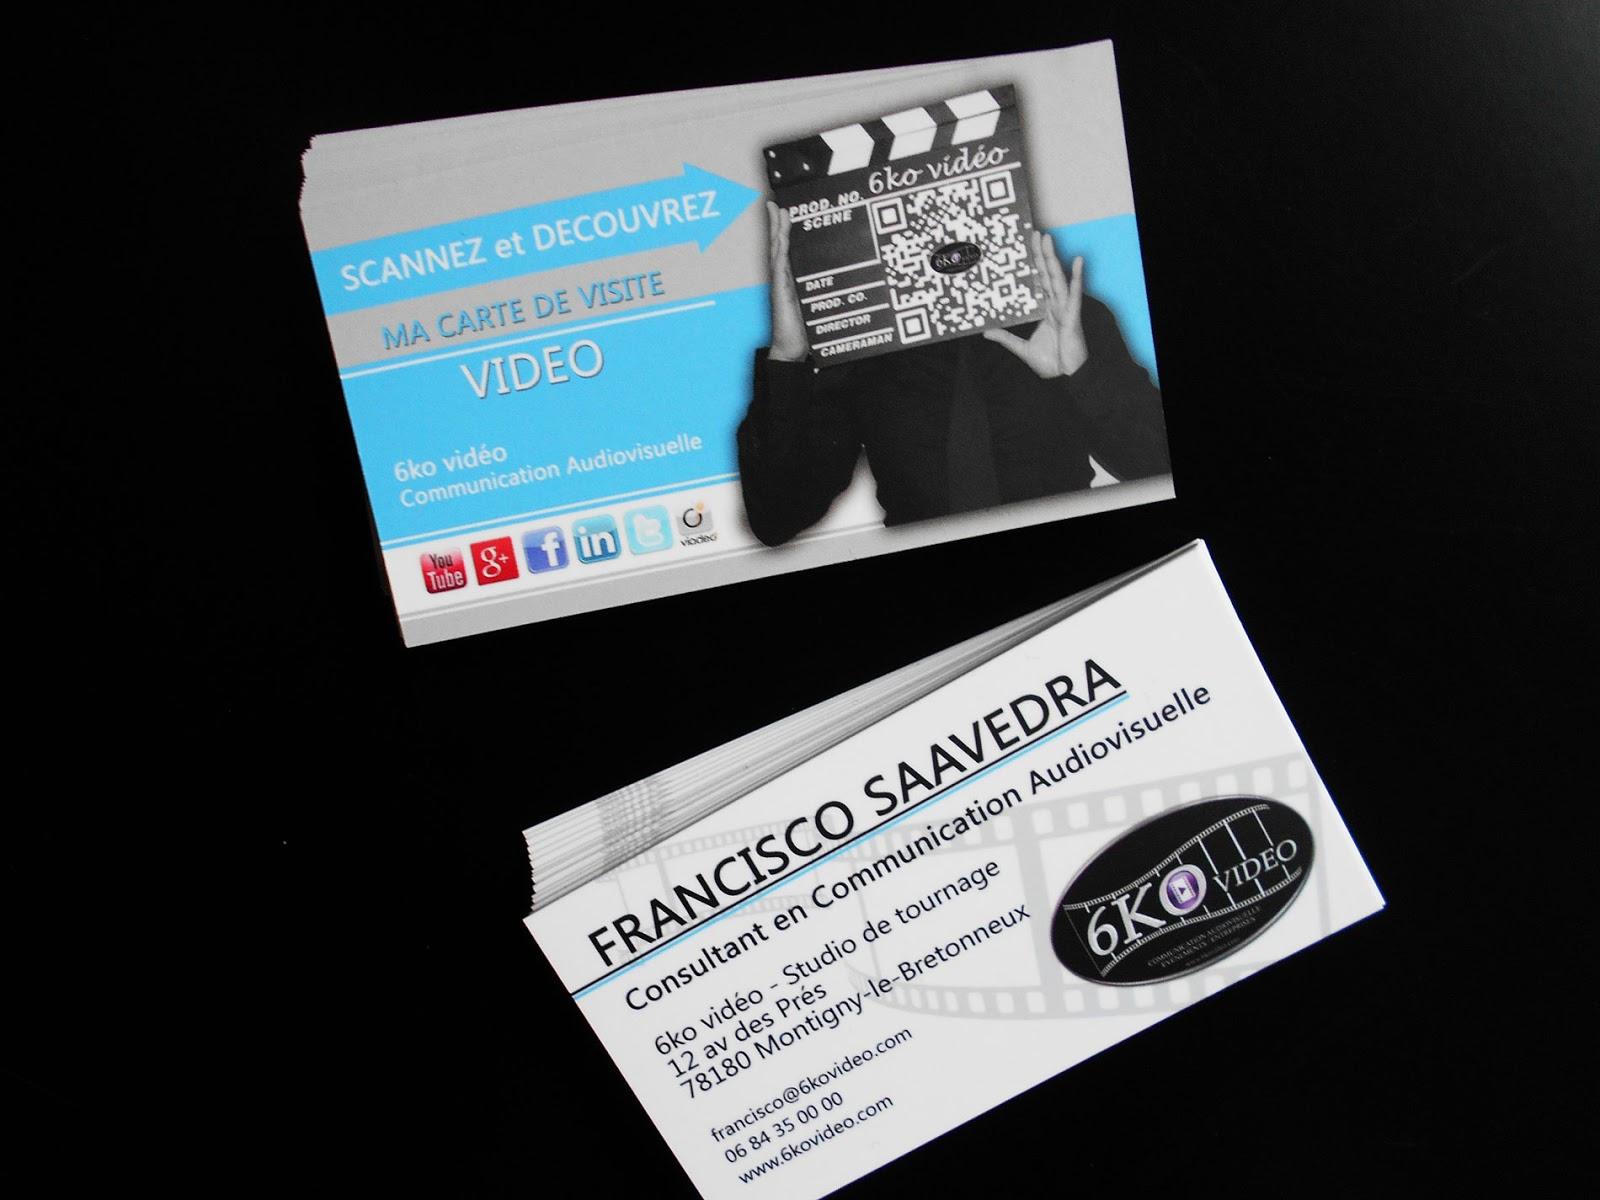 Tournage En Studio Video A Saint Quentin Yvelines Paris Agence De Communication Et Production Audiovisuelle 6kovideo